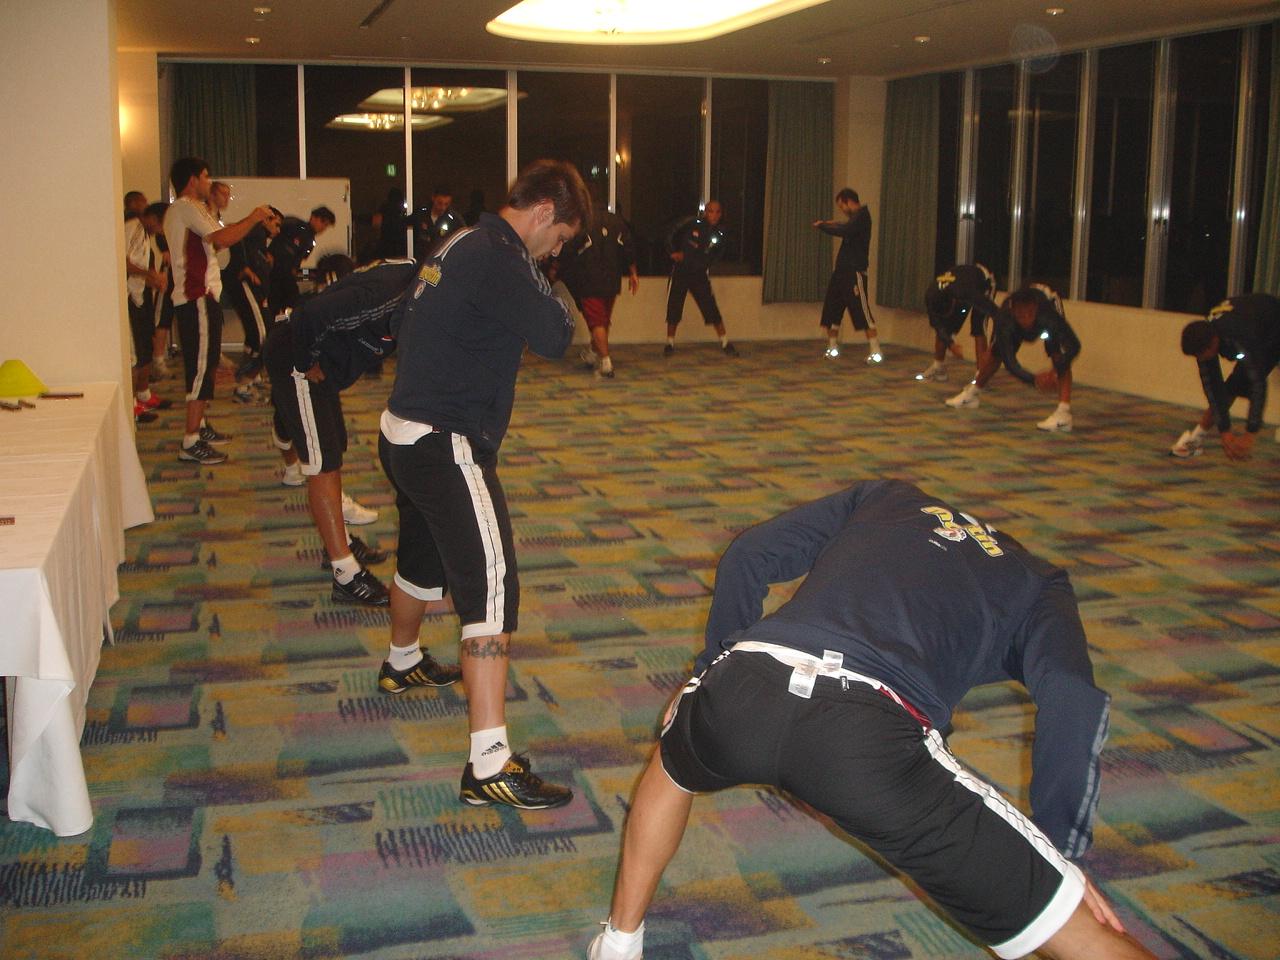 La selección completa hizo algunos ejercicios de estiramiento tras el largo viaje. Foto: FVF